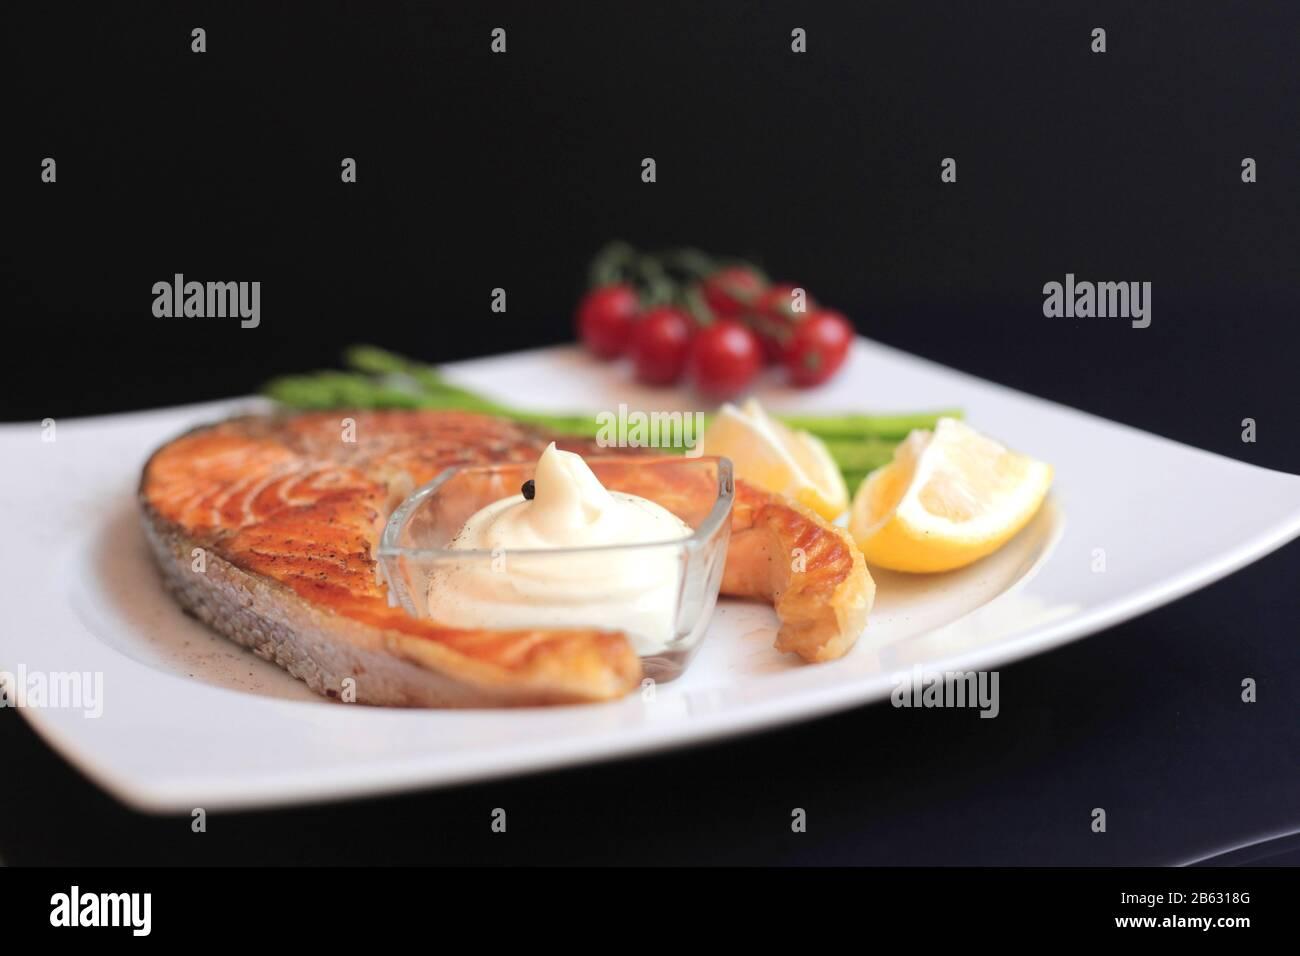 filetes de salmón con verduras y especias: espárragos, tomates, jengibre, pimentones, sal, chile, cebolla, limón y aceite de oliva sobre fondo negro. Sane Foto de stock